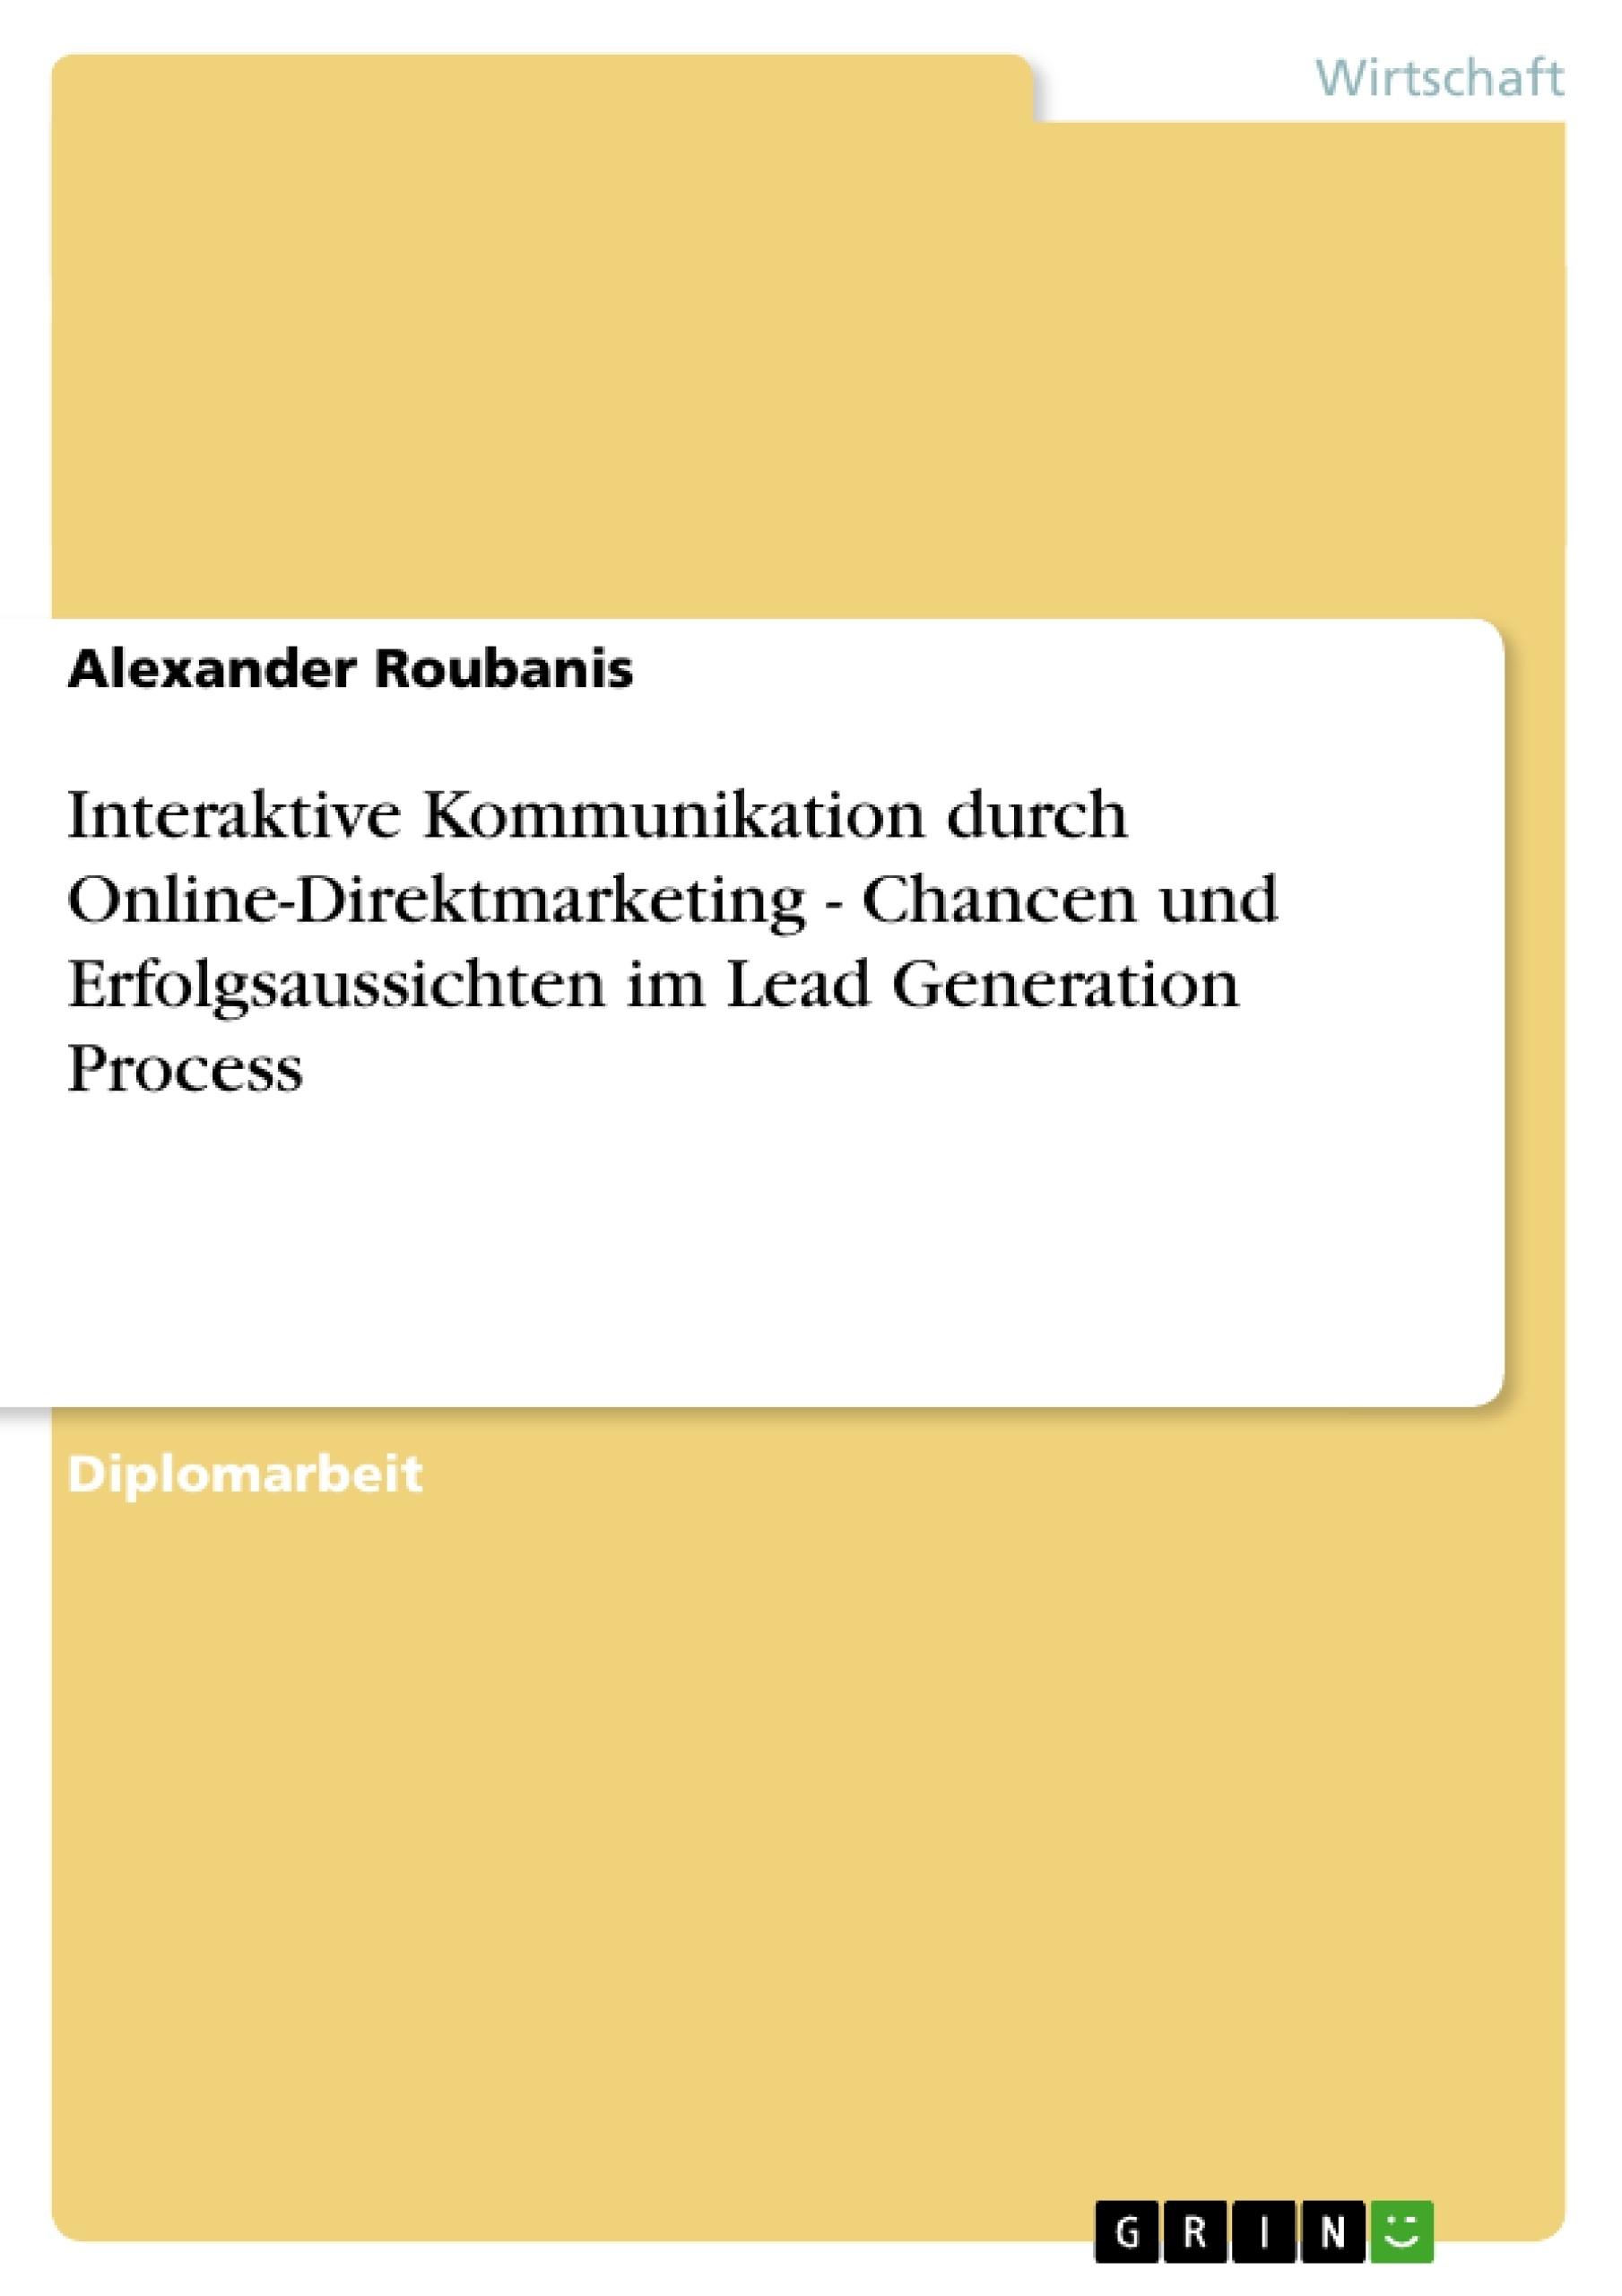 Titel: Interaktive Kommunikation durch Online-Direktmarketing. Chancen und Erfolgsaussichten im Lead Generation Process